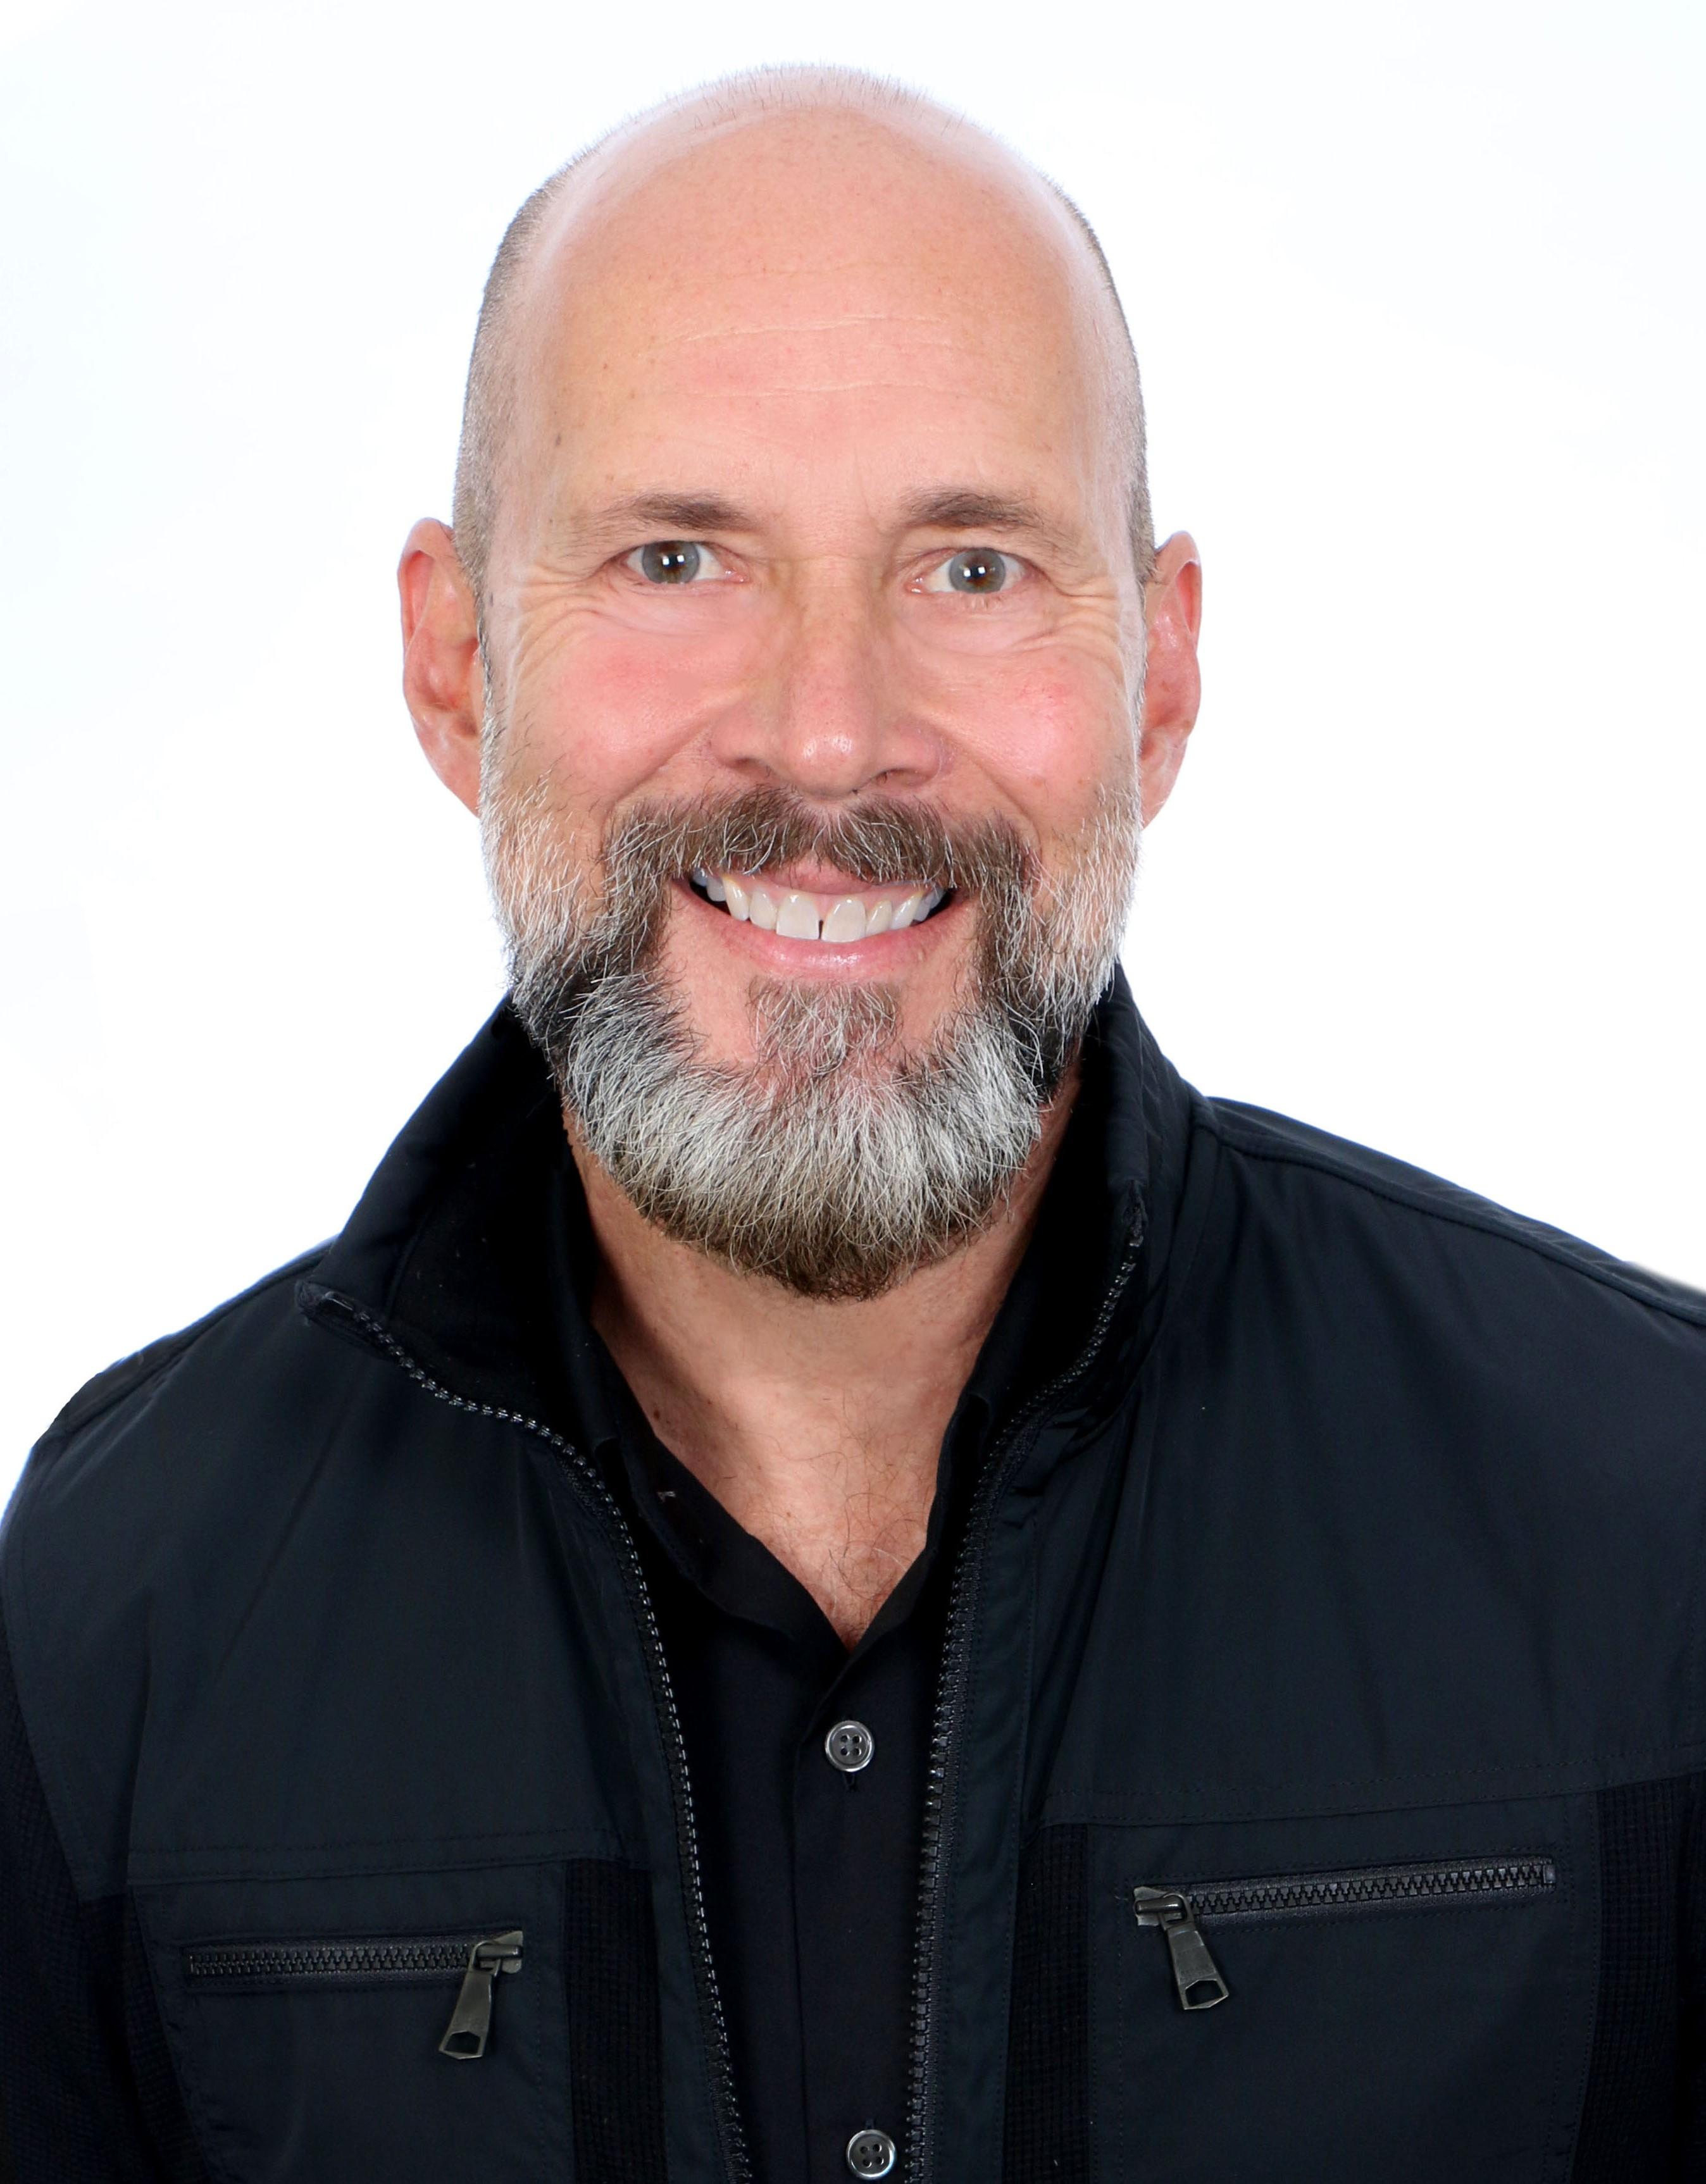 Brent J. Councill